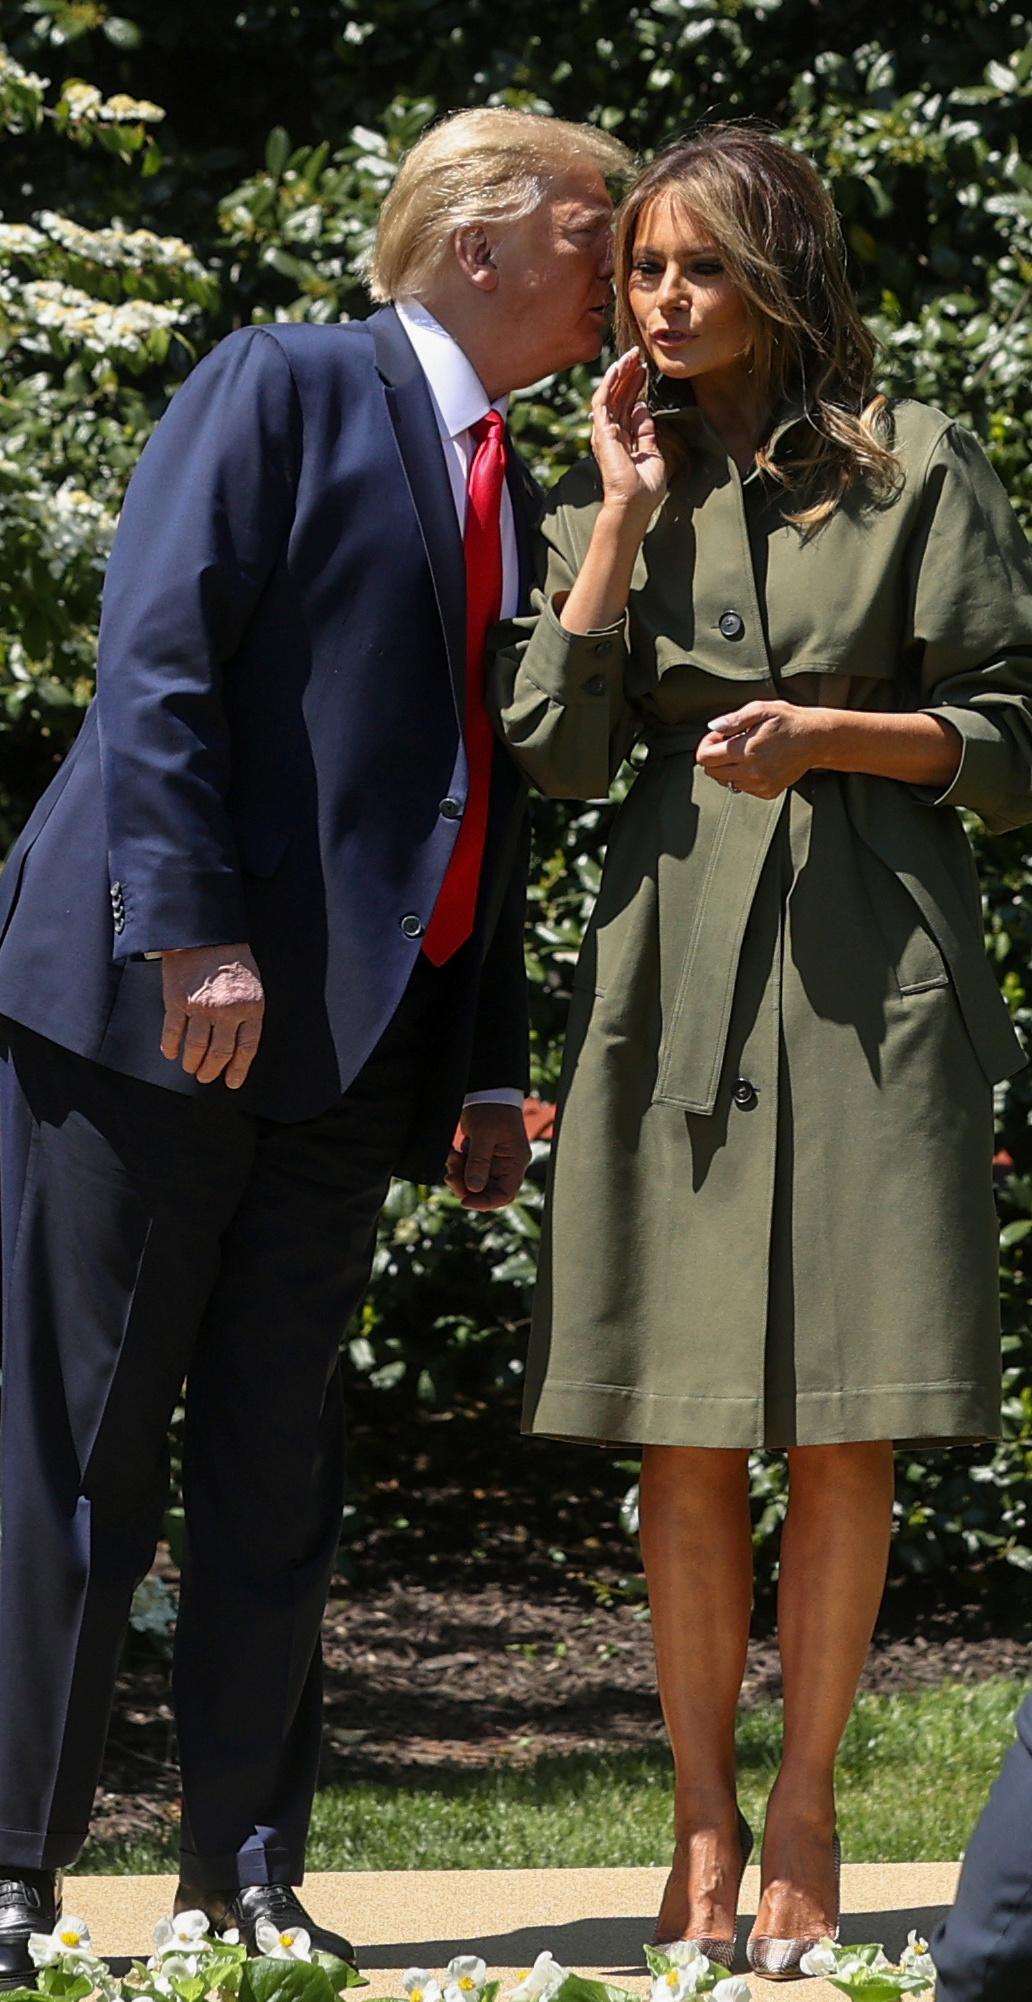 Melania Trump i Donald Trump. Model Release: no, Credit line: JONATHAN ERNST / Reuters / Forum